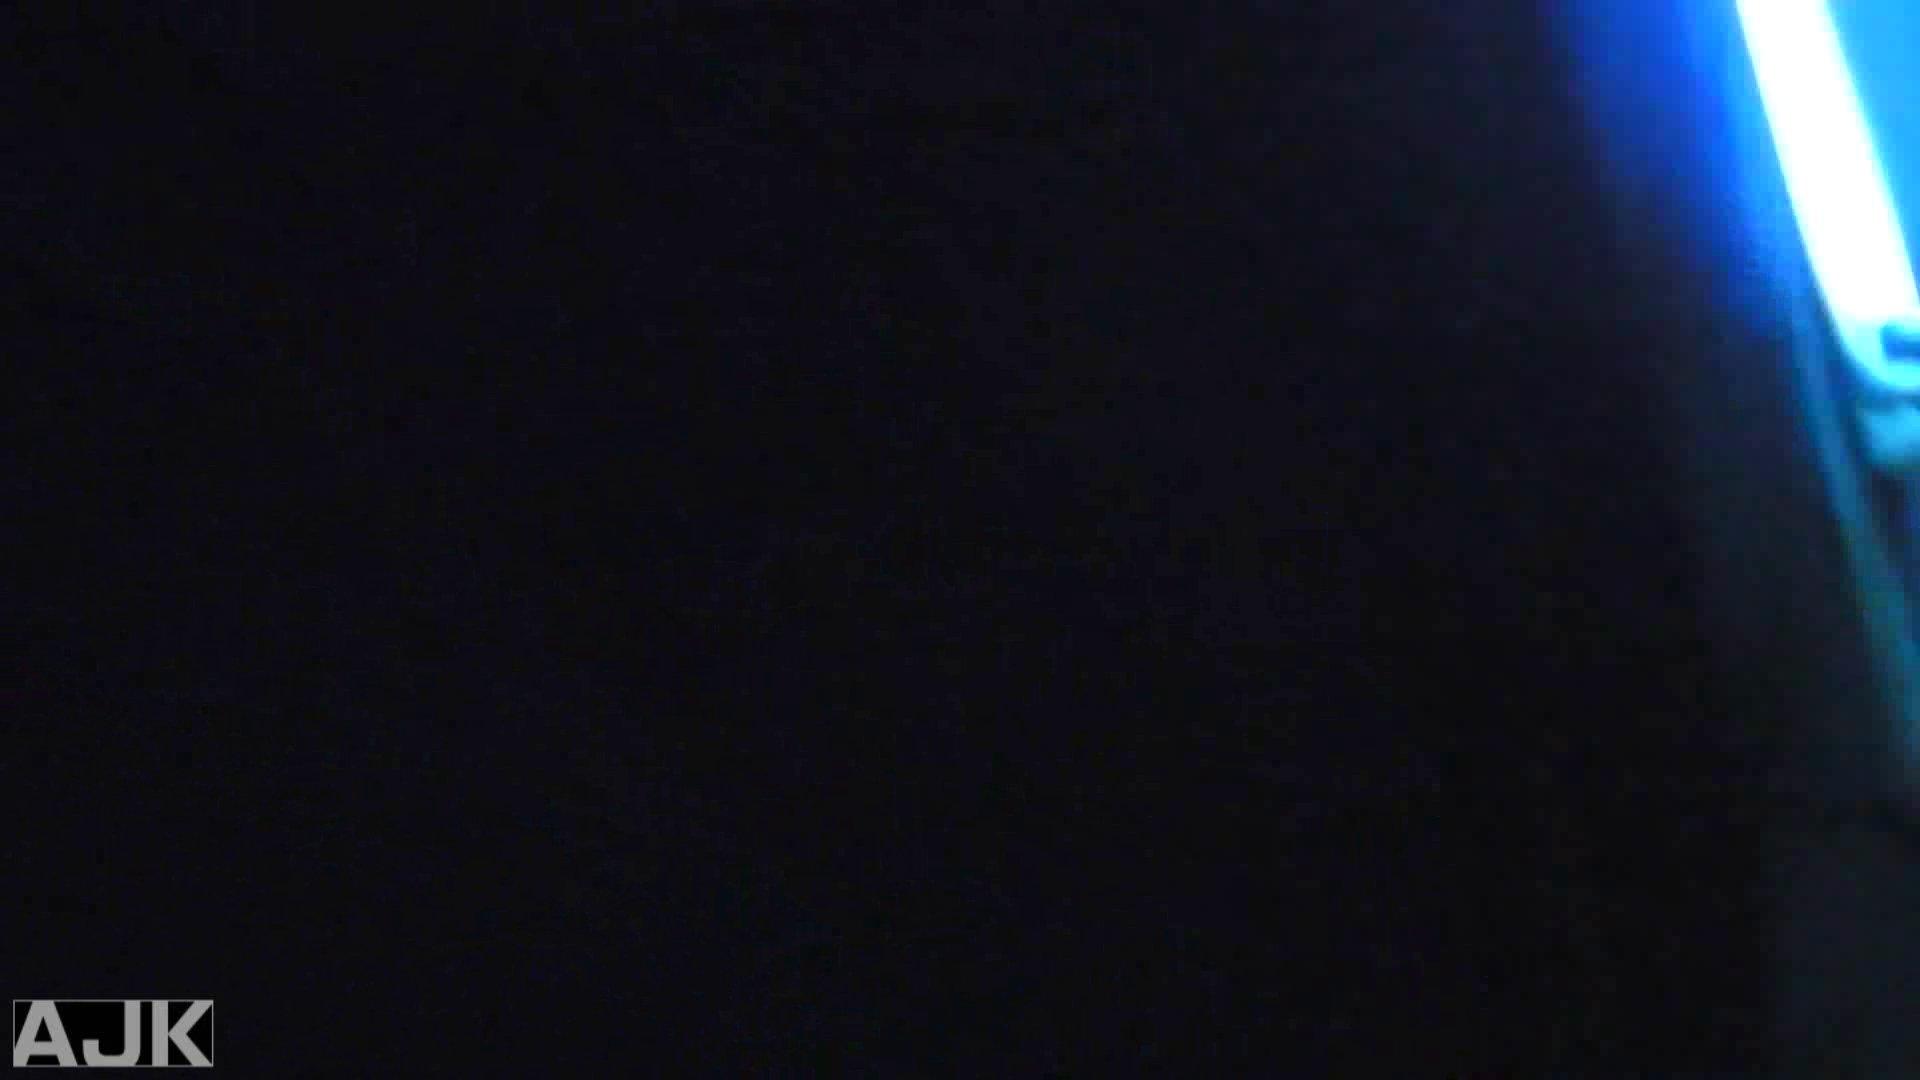 隣国上階級エリアの令嬢たちが集うデパートお手洗い Vol.24 オマンコ・ぱっくり エロ画像 82画像 71